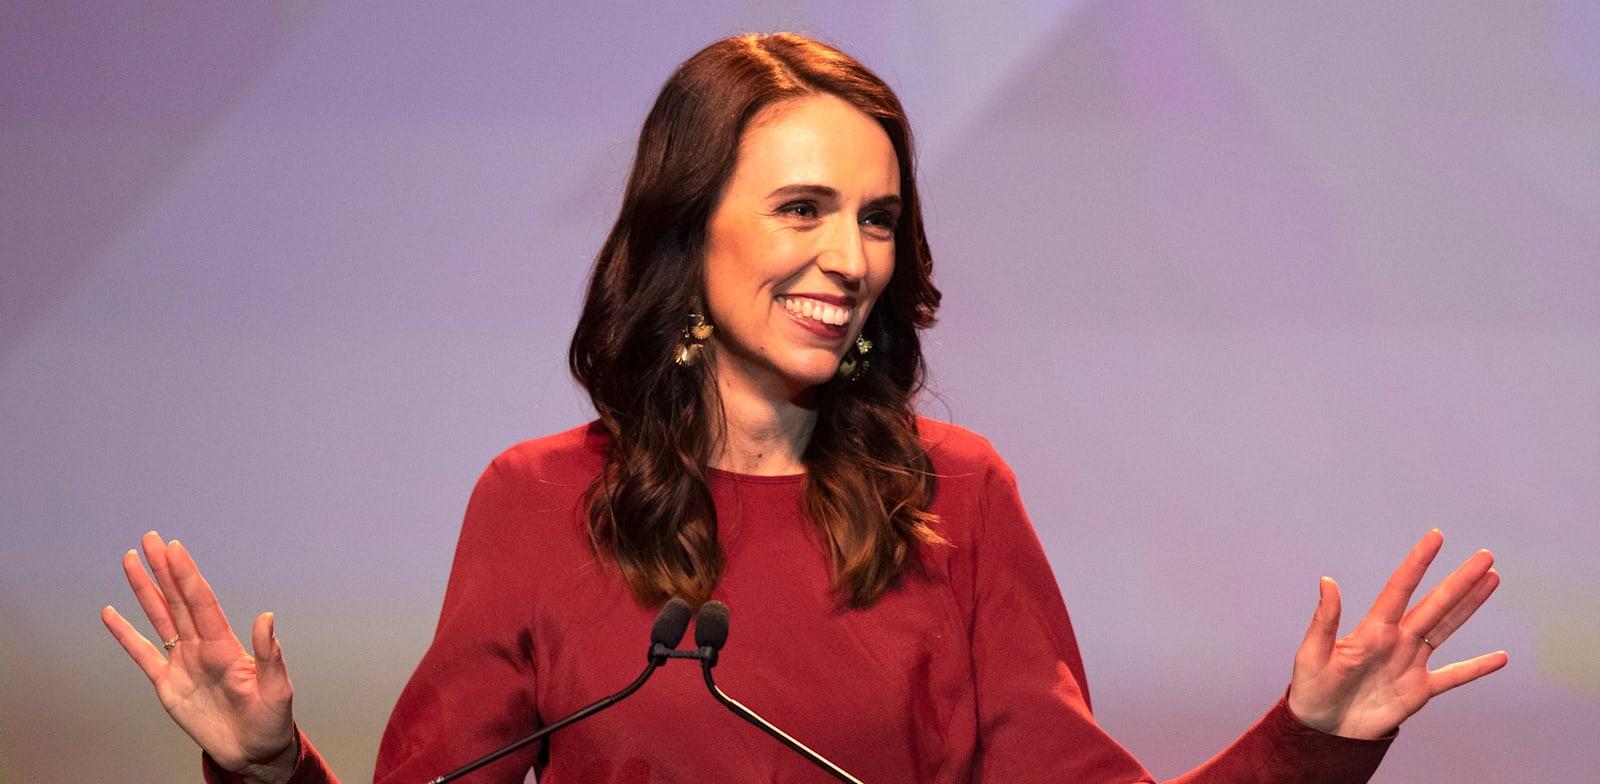 ג'סינדה ארדרן, ראשת ממשלת ניו זילנד / צילום: Associated Press, Mark Baker